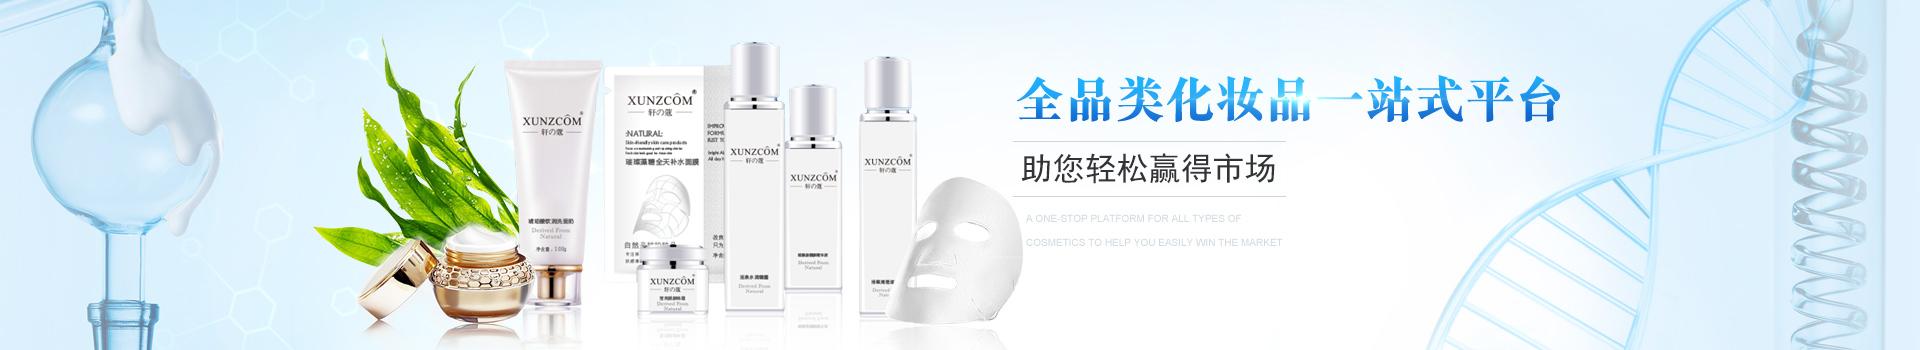 欧泉生化-全品类化妆品一站式平台